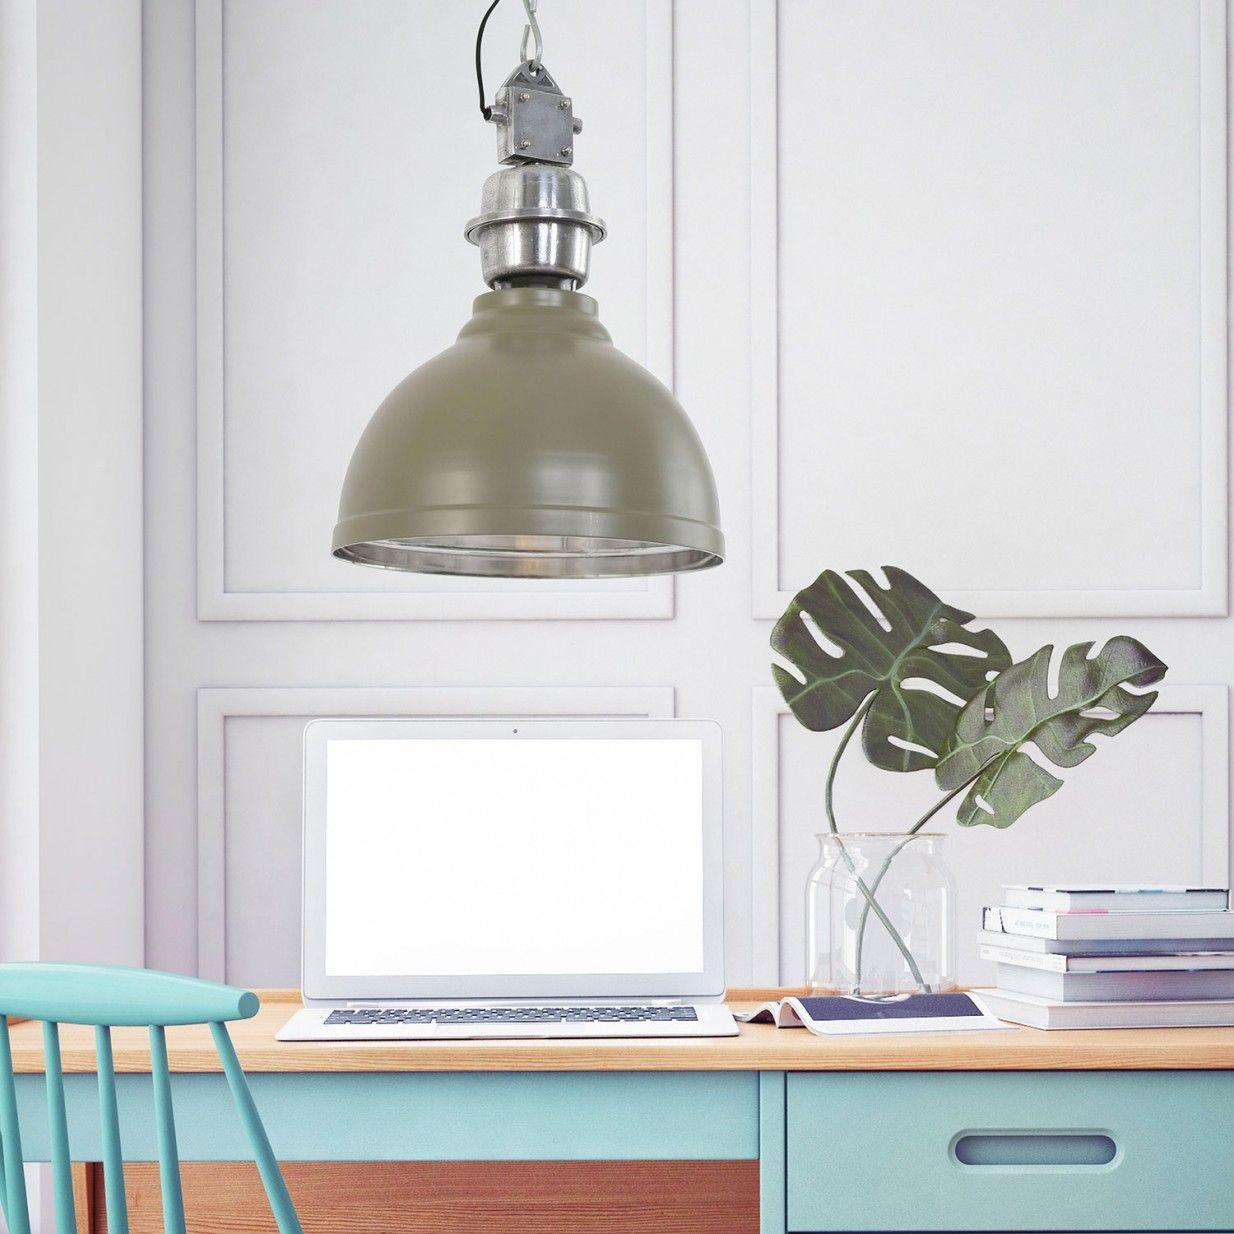 Einfache esszimmerbeleuchtung kl rynaert hängeleuchte  gr  steinhauer lighting  pendelleuchten